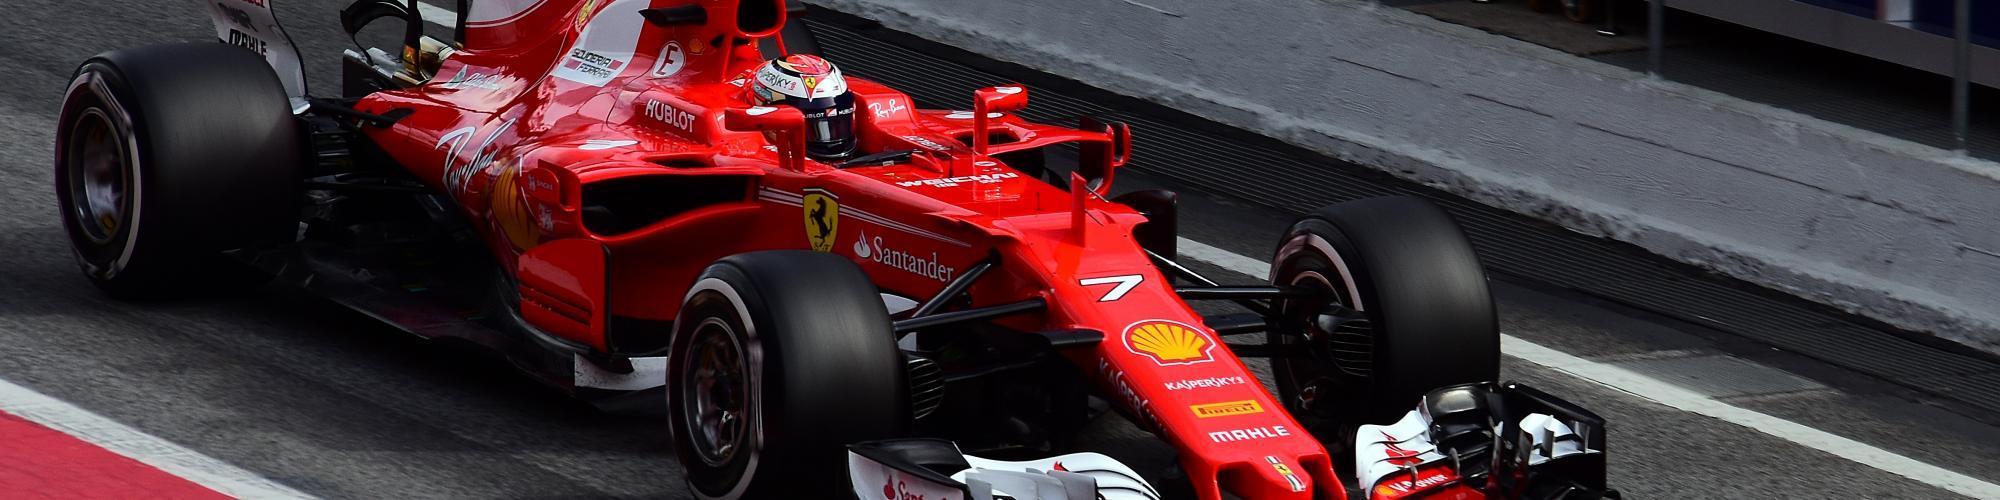 Ferrari cover image